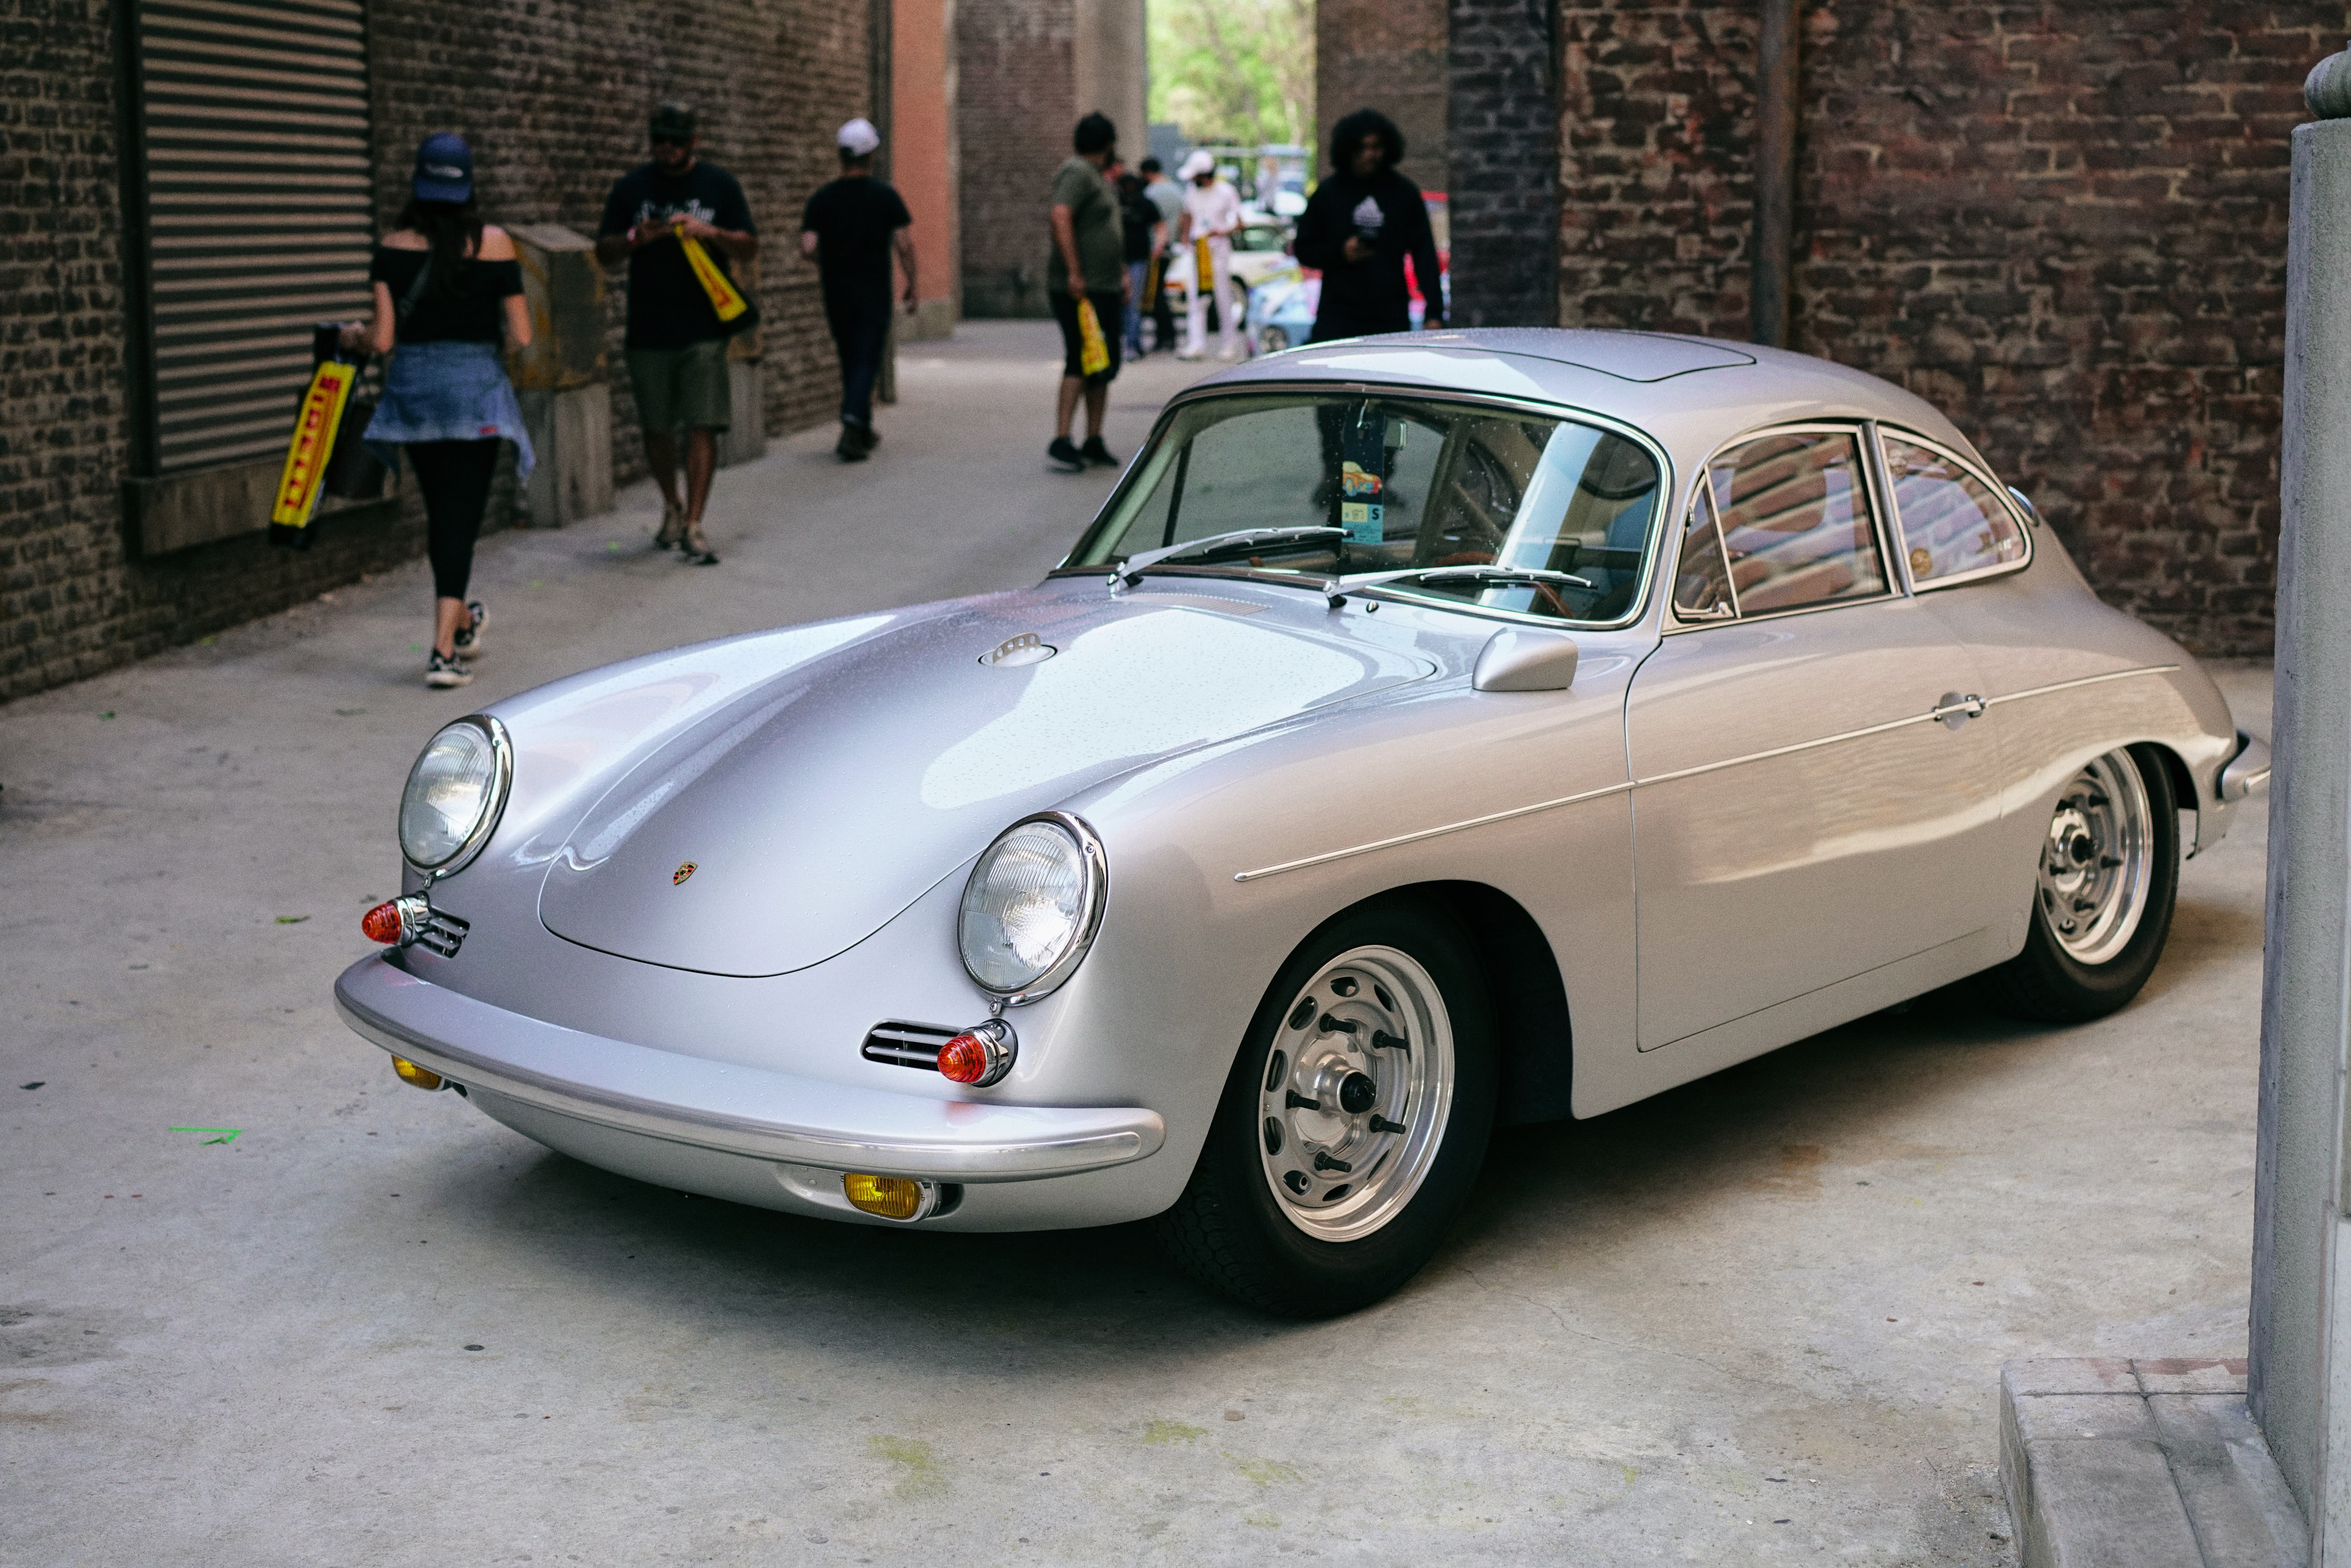 Luftgekühlt-6-Rennen-58-Porsche-356-1963-GT-Front